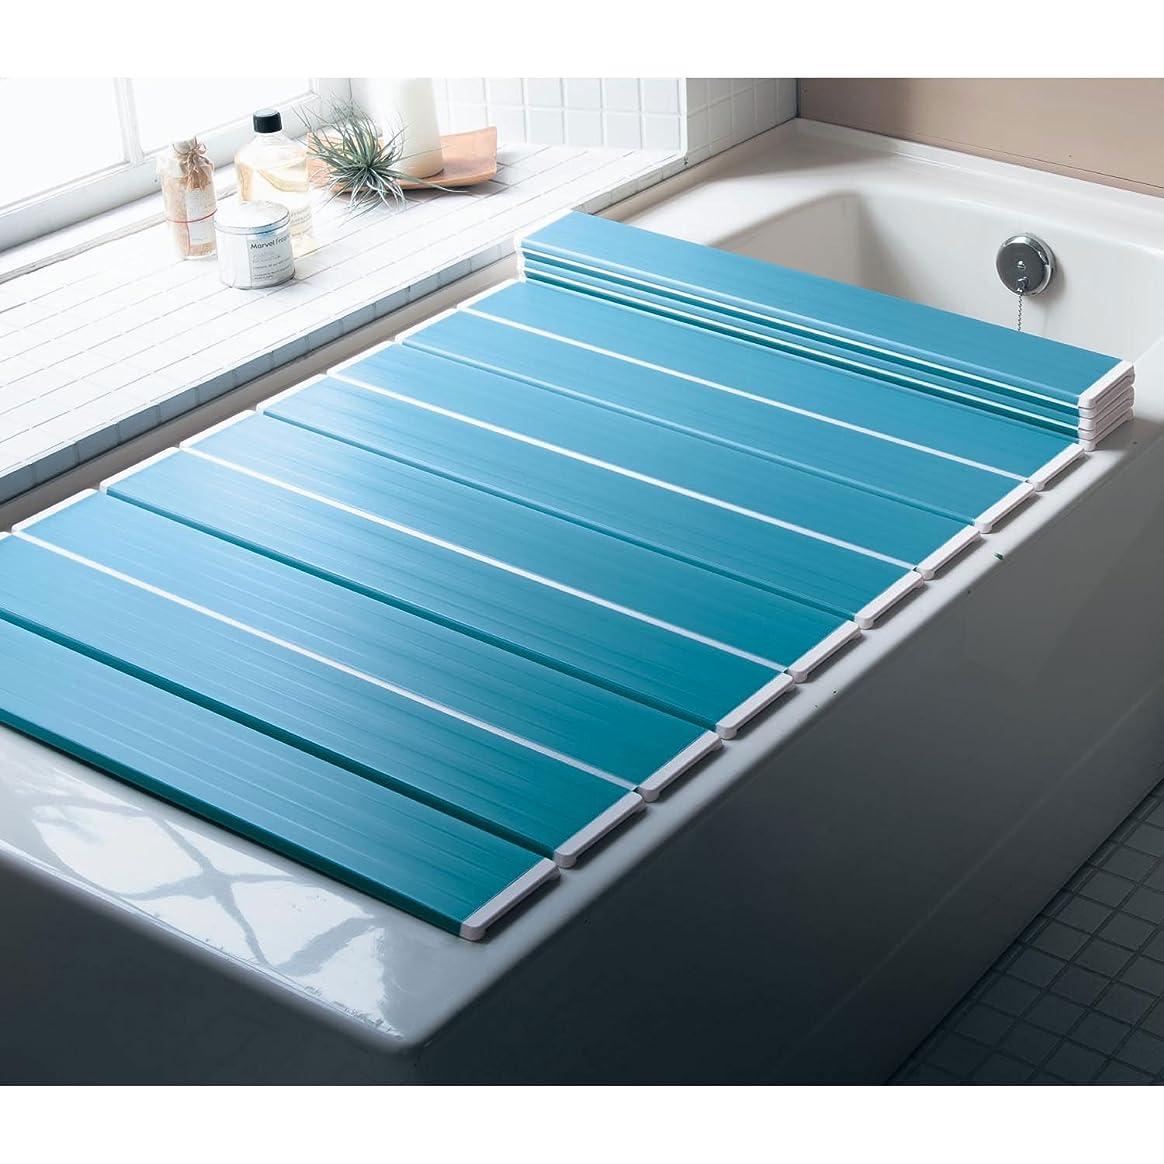 エジプト人手綱六月[ベルメゾン] 風呂ふた 防カビ 抗菌 折りたたみ コンパクト 日本製 ブルー 約70×139